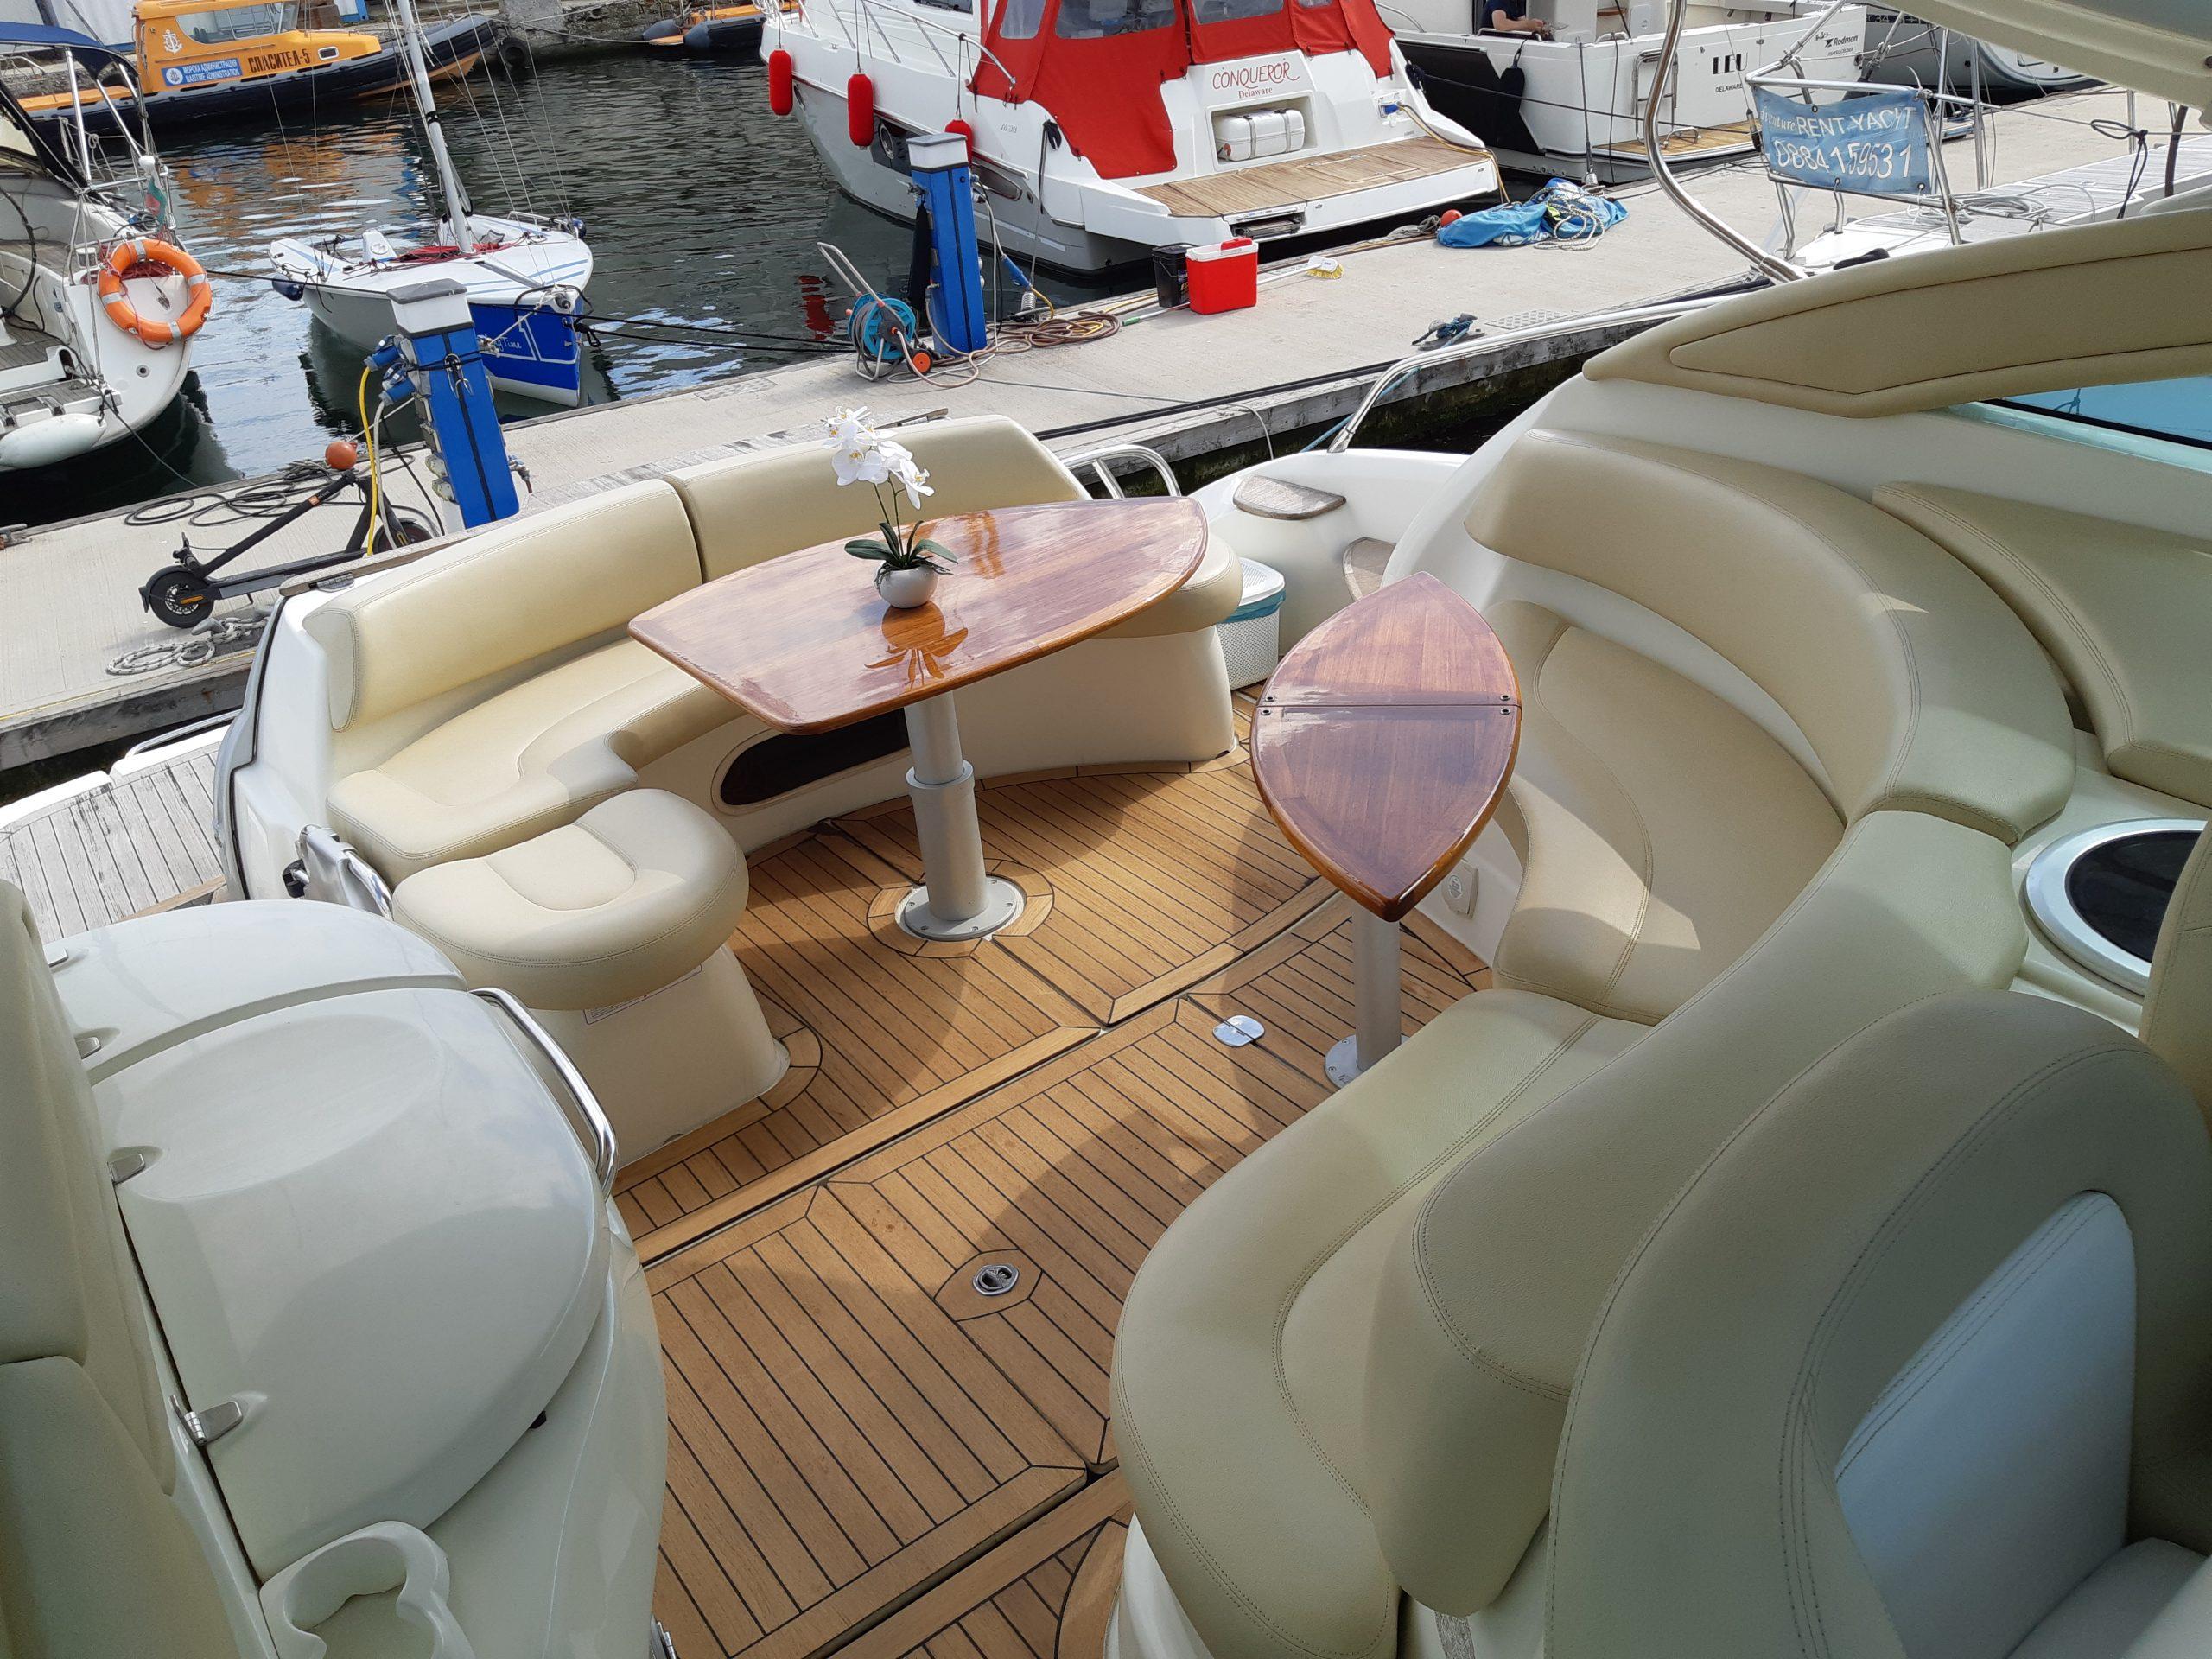 Cranchi Mediterranee 43 HT – Sunny Holiday